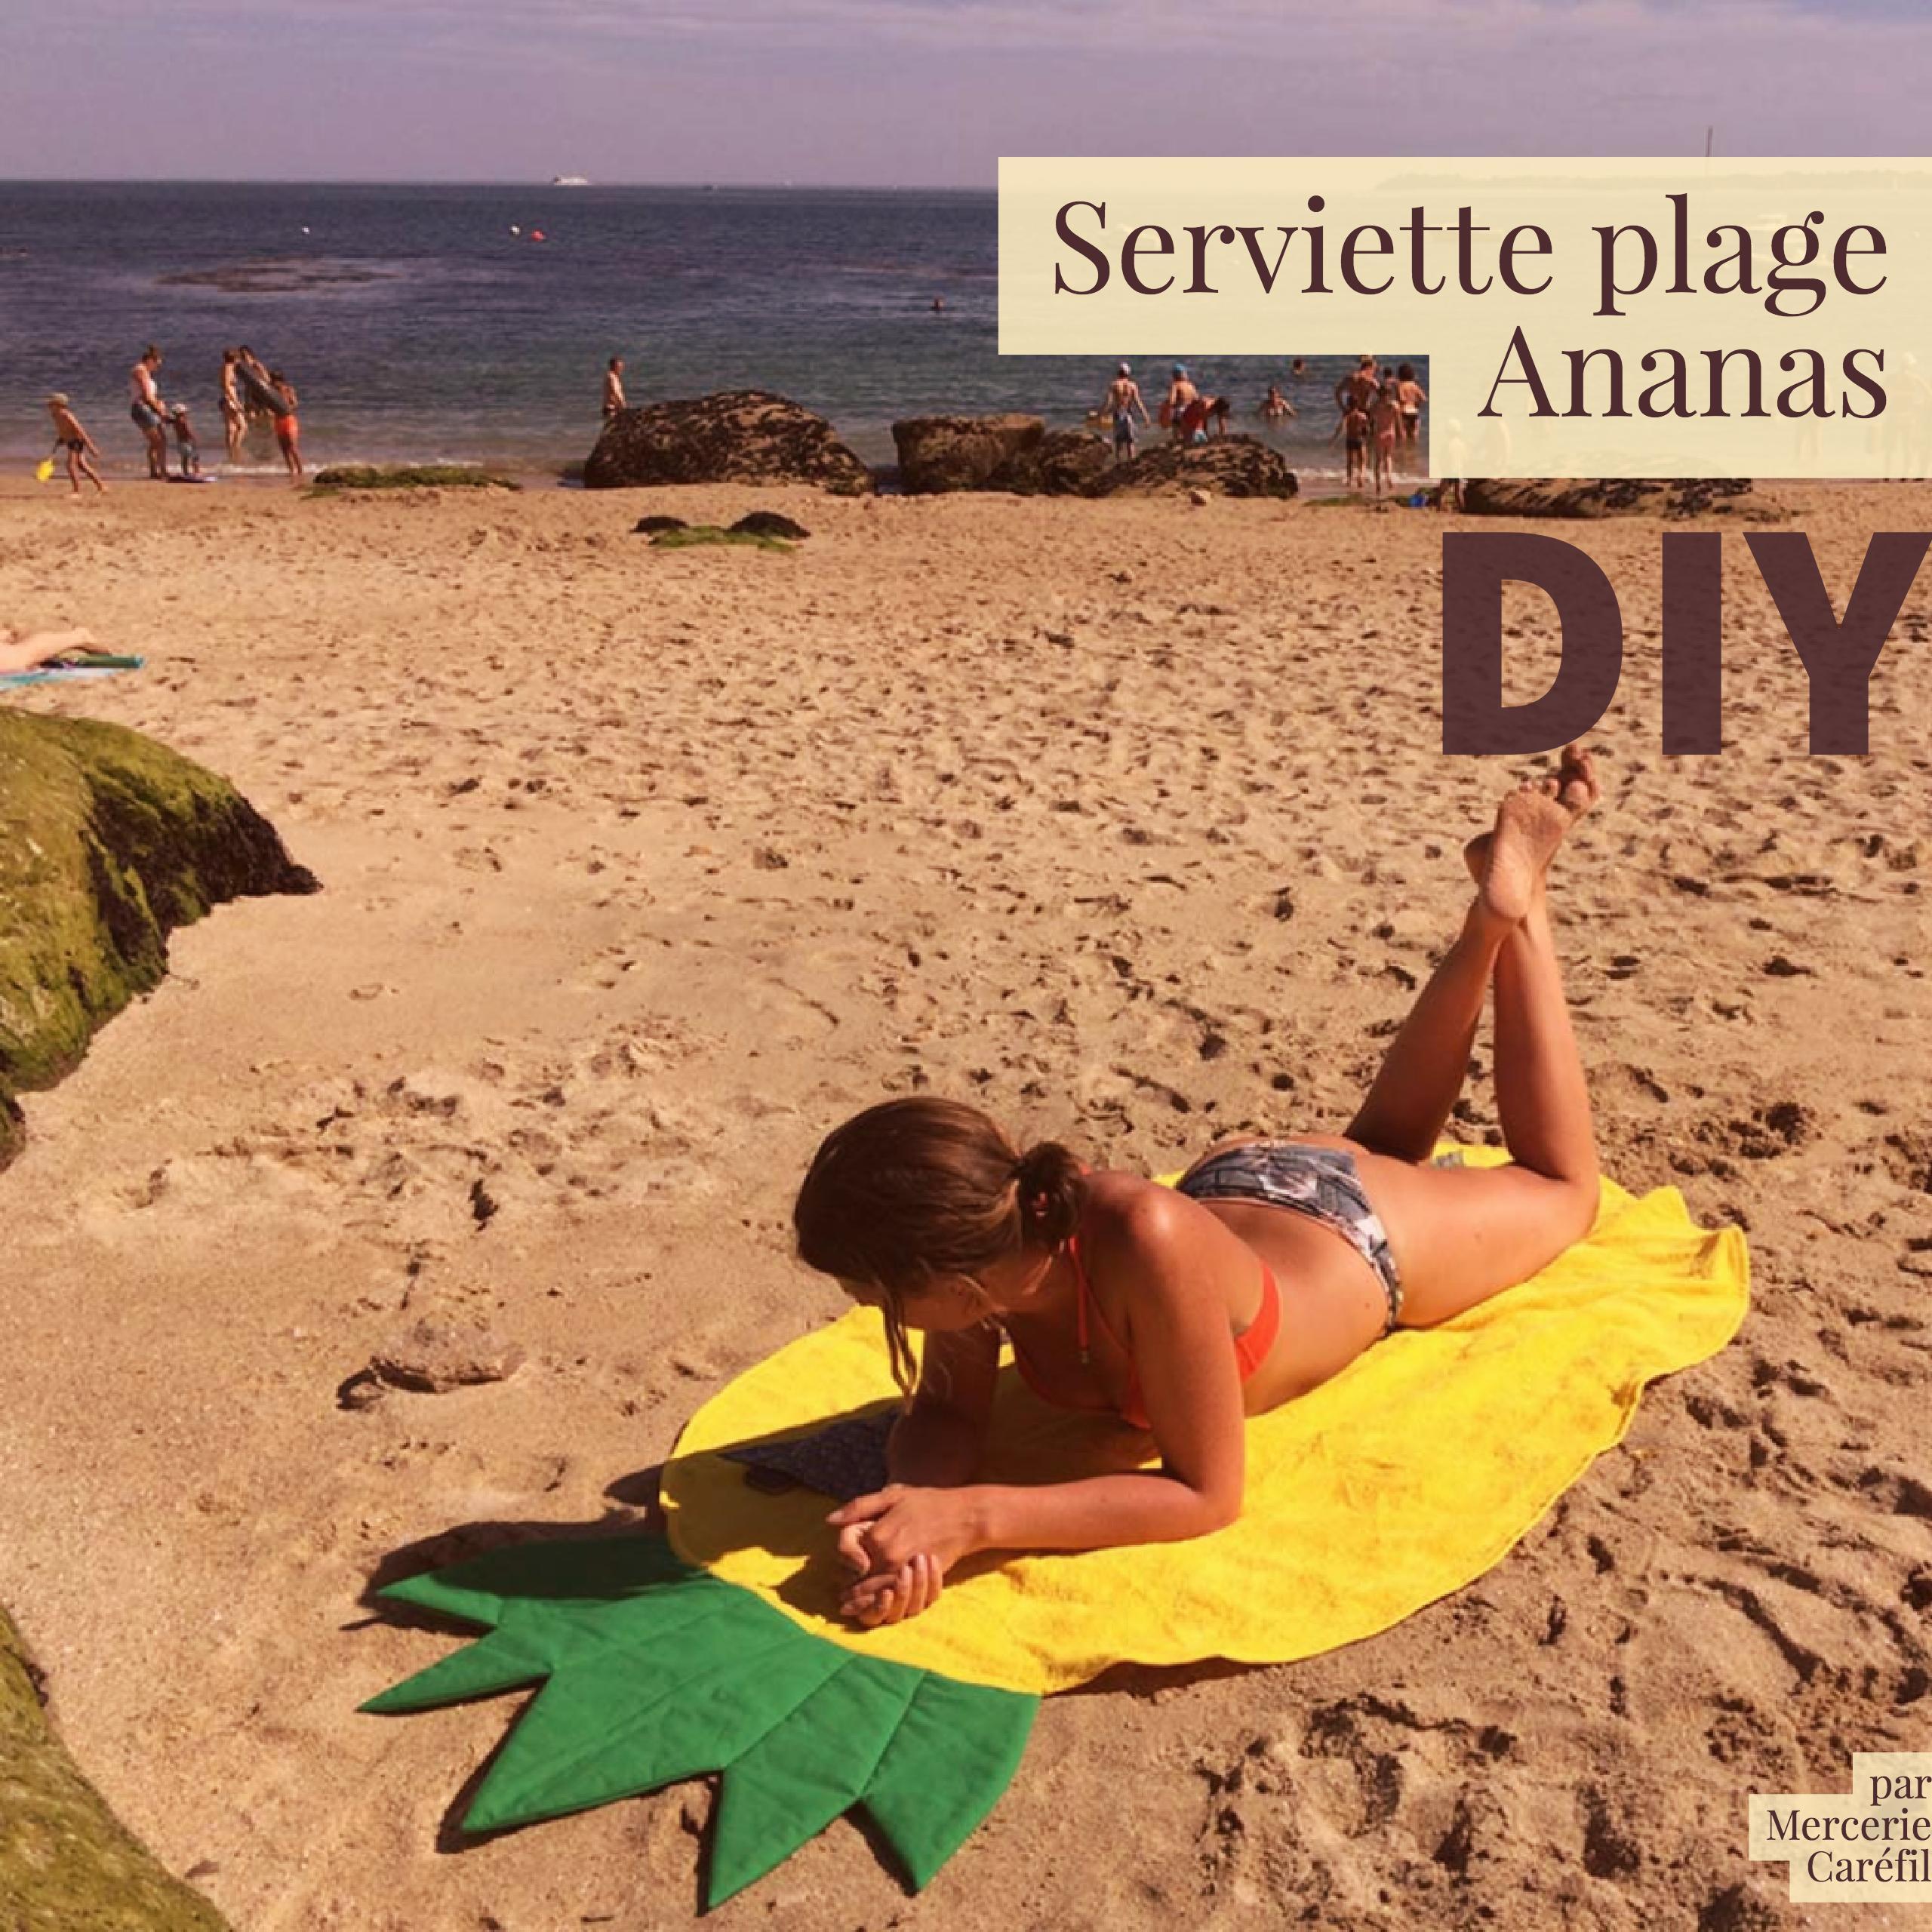 La serviette de plage ananas